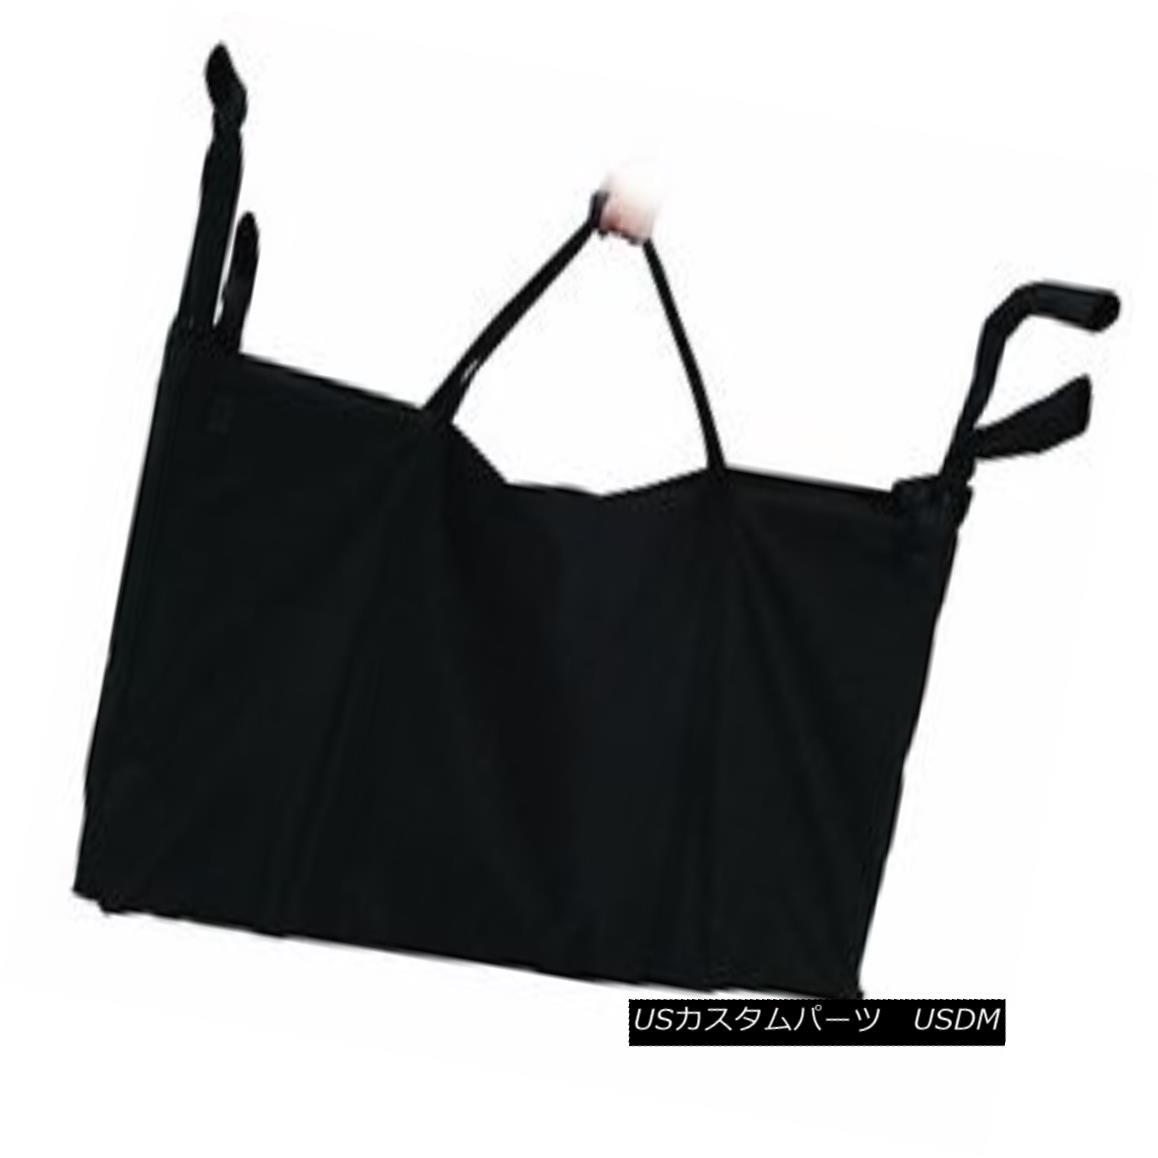 幌・ソフトトップ Smittybilt 596001 Storage Bag - Soft Top - Black Smittybilt 596001収納袋 - ソフトトップ - ブラック